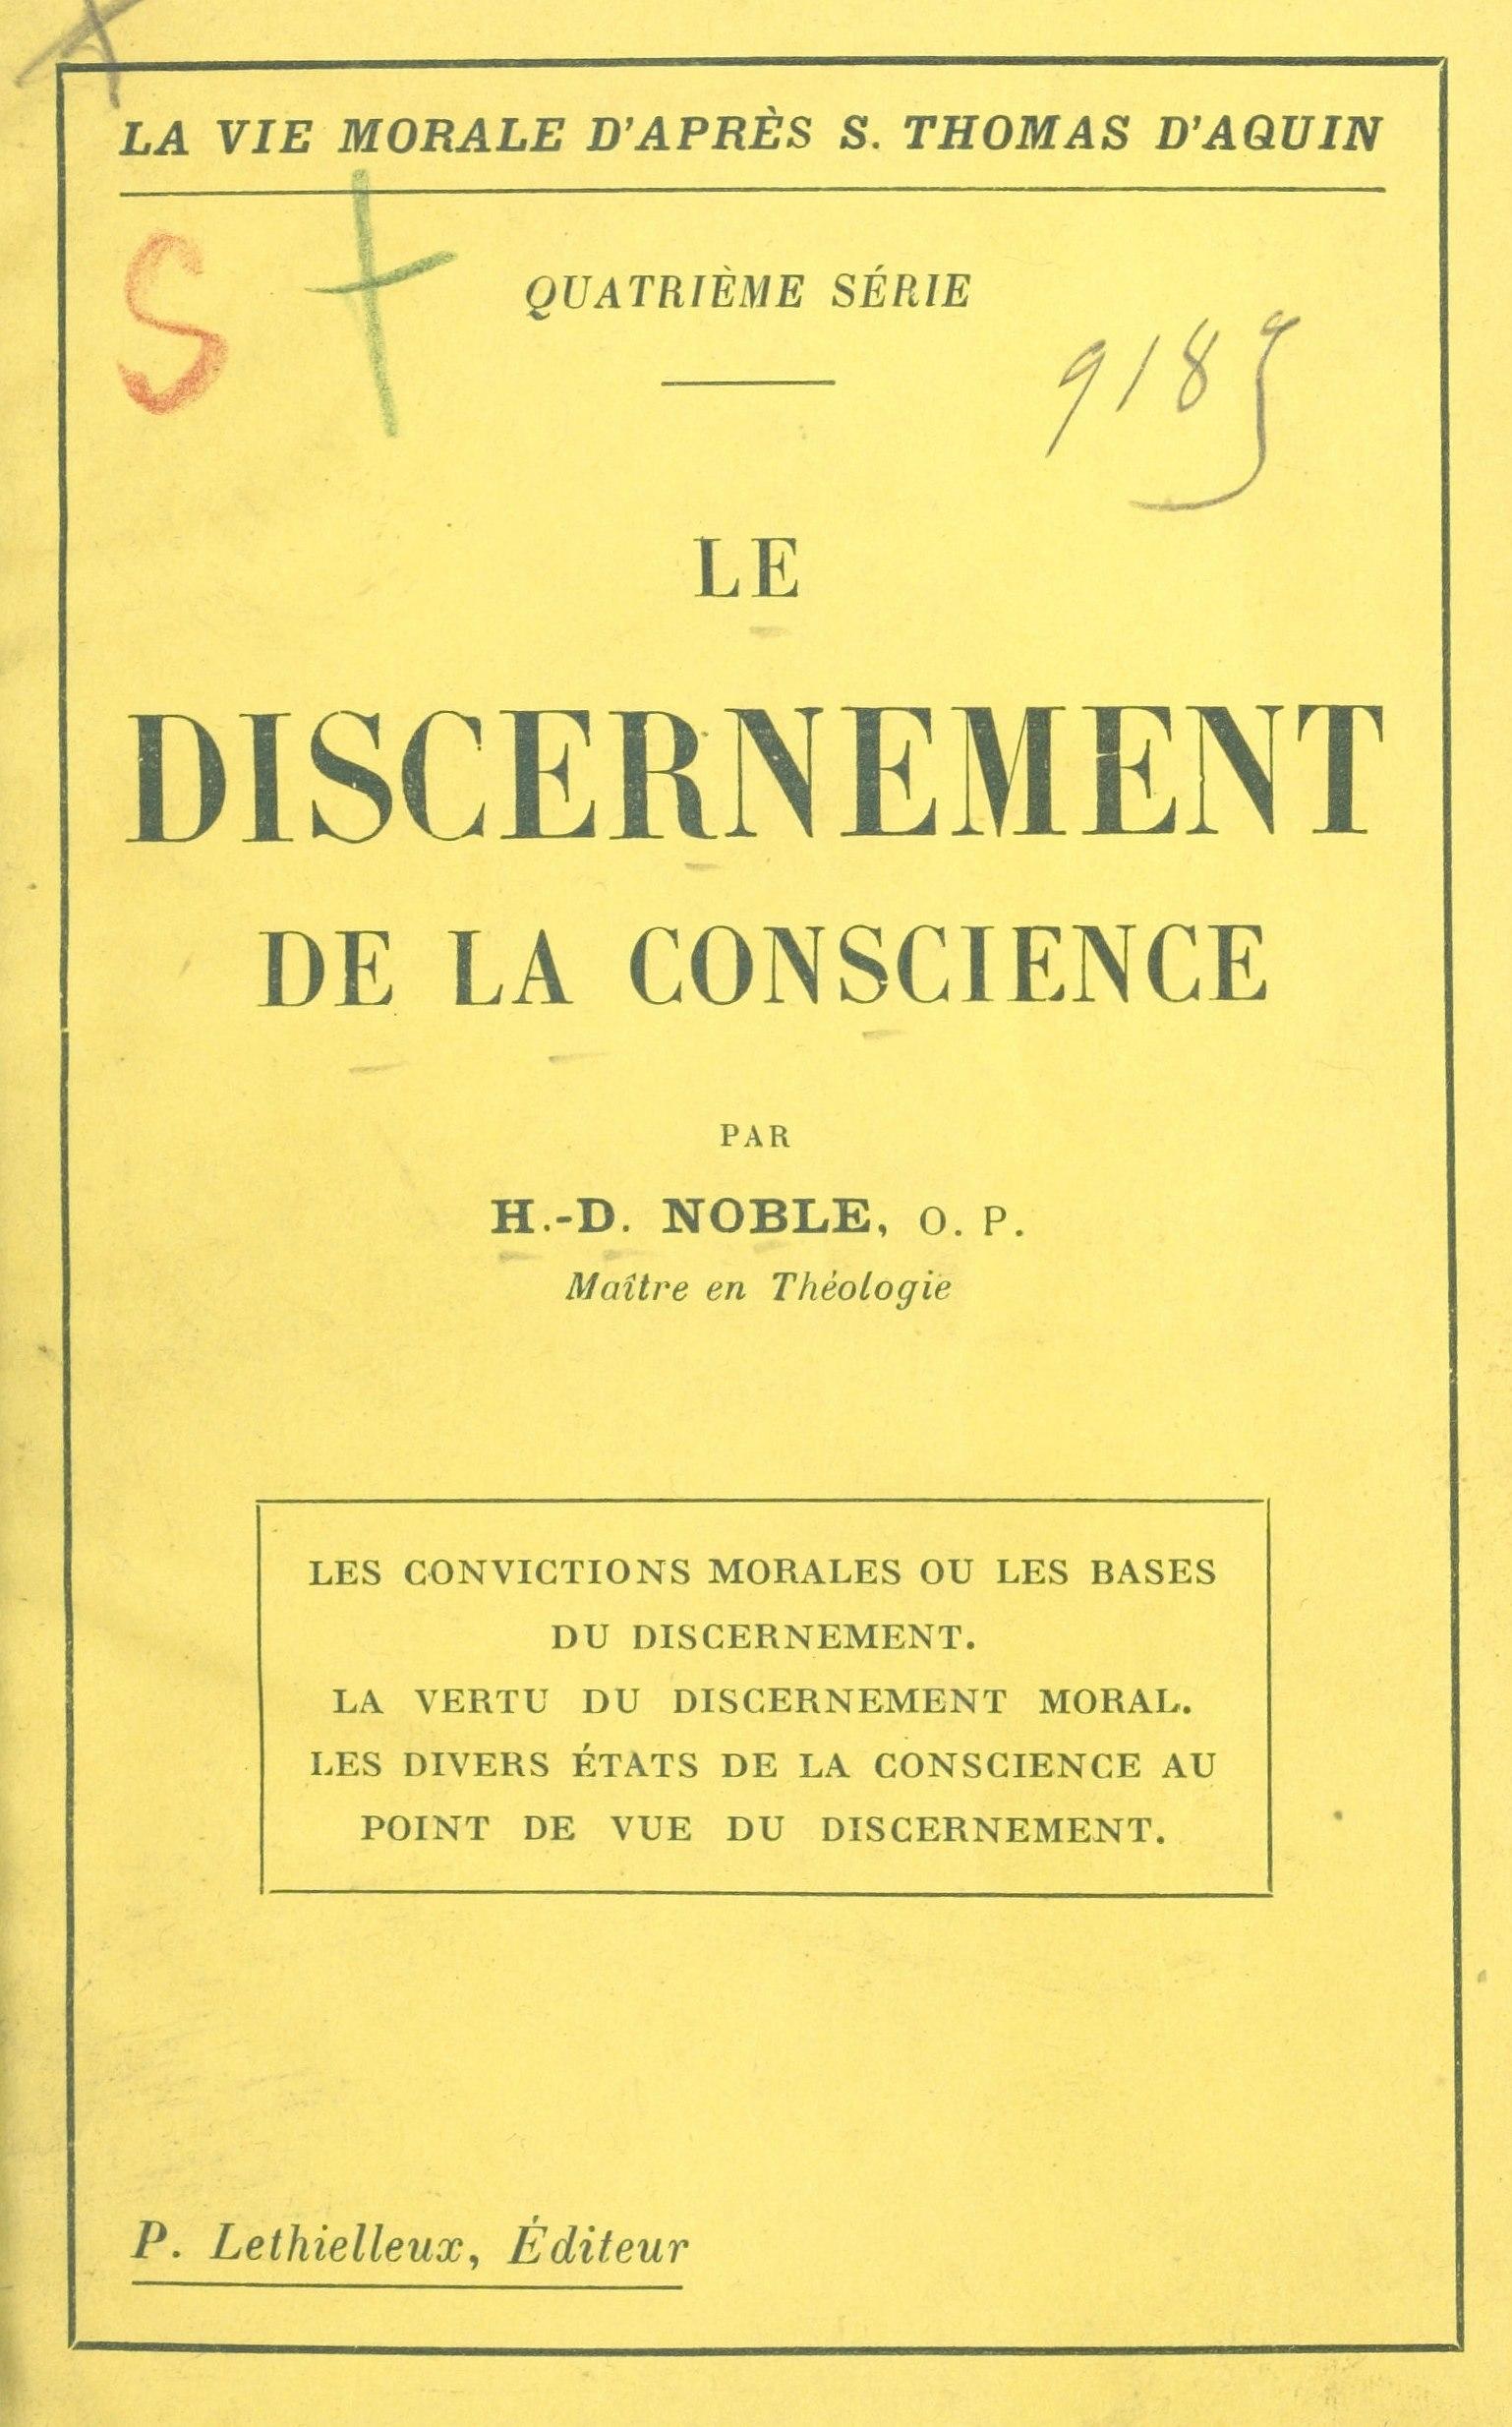 Le discernement de la conscience